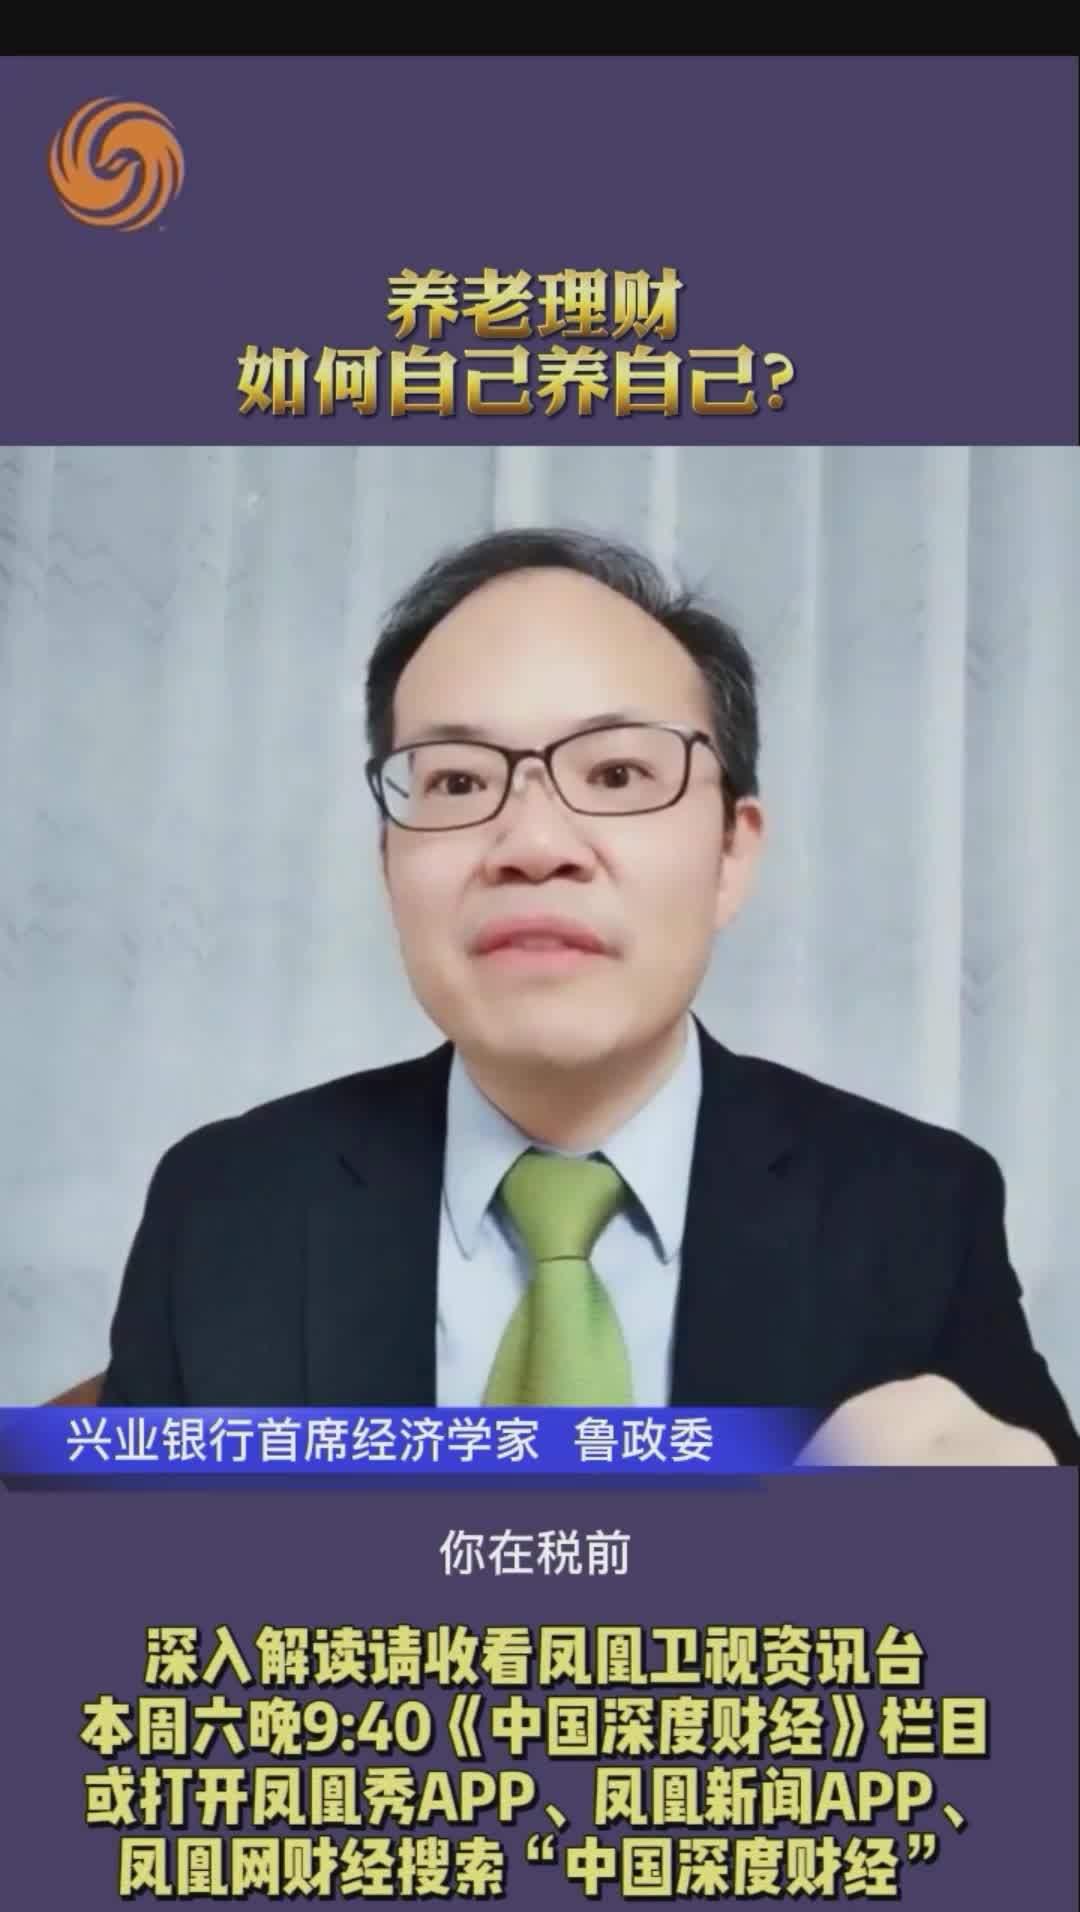 兴业银行首席经济学家鲁政委:养老理财,怎么自己养自己?